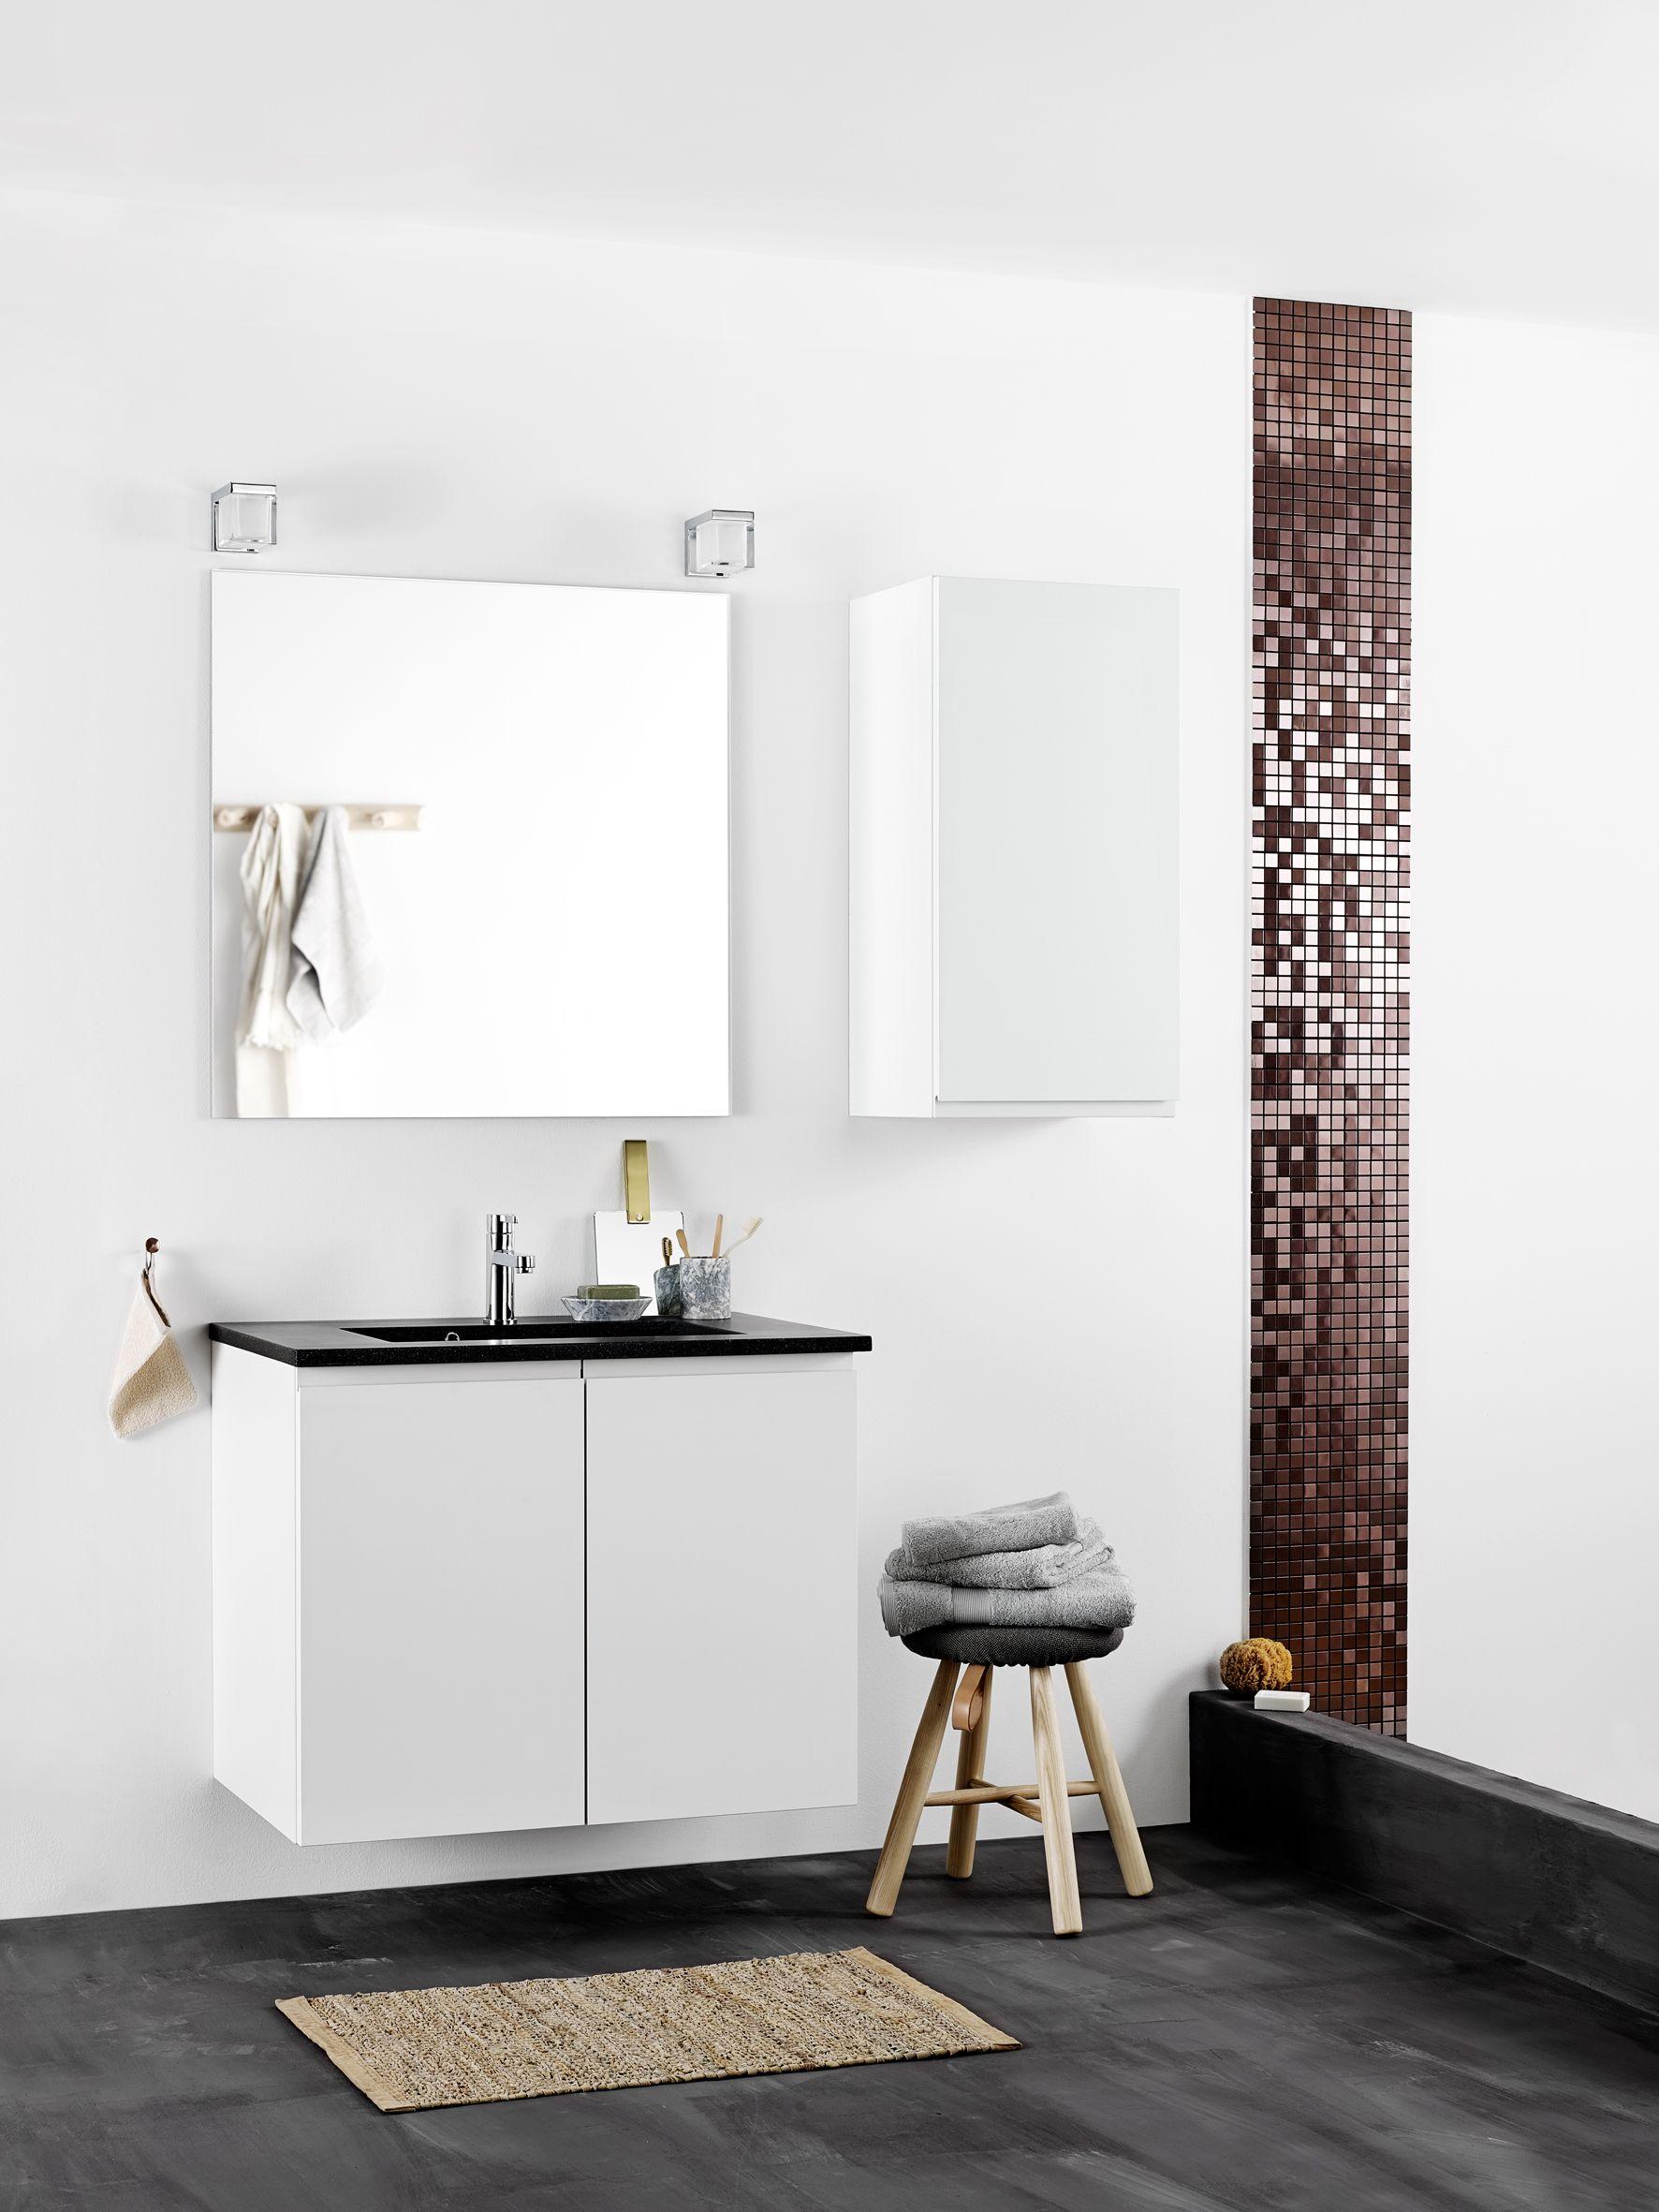 Mooie badkamer van Kvik. Let ook op het houten design krukje en de ...